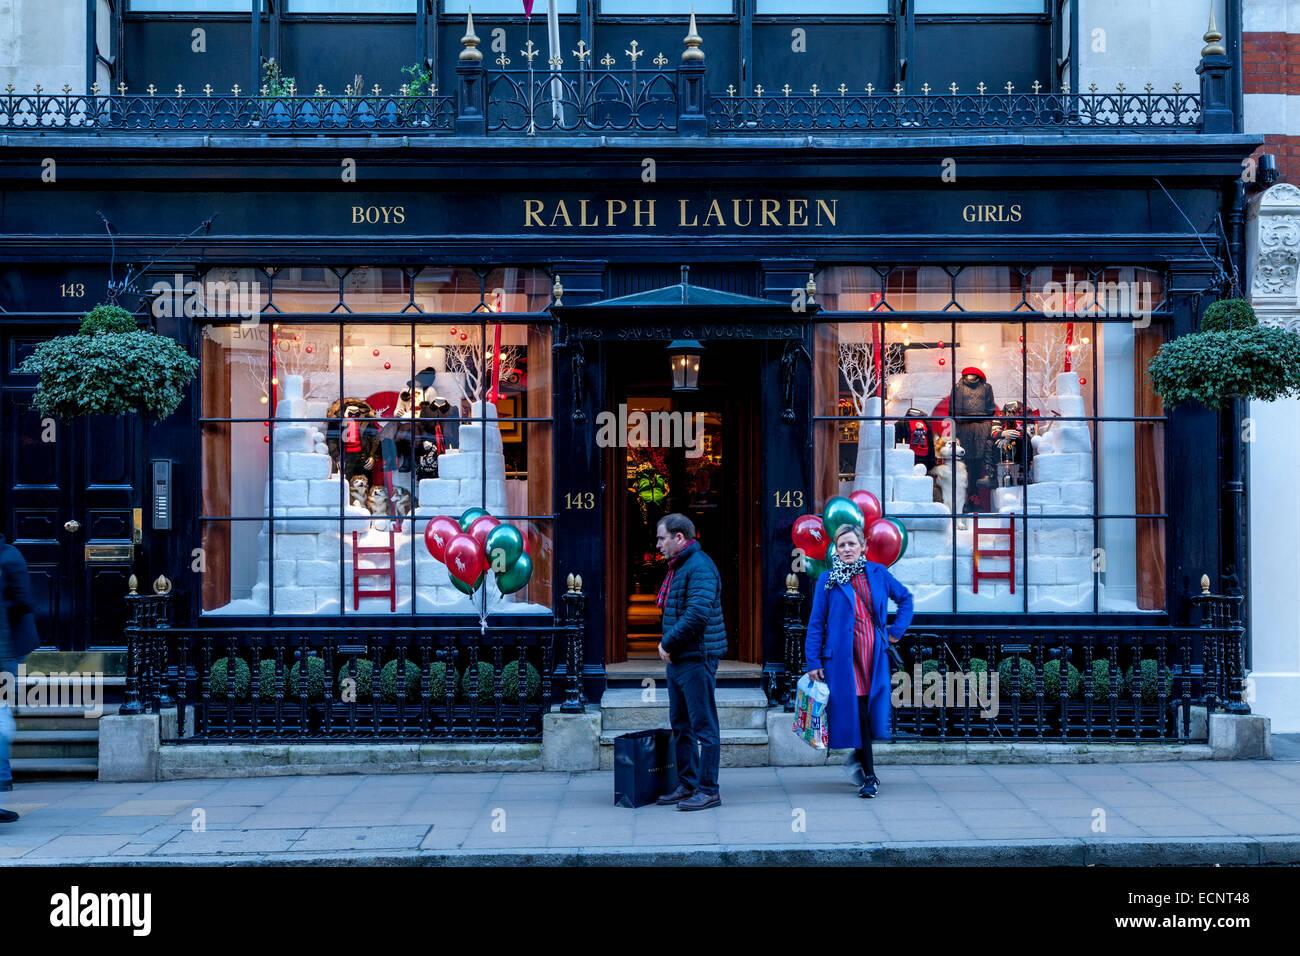 Le Magasin Ralph Lauren à New Bond Street, Londres, Angleterre ... f7a556d8c4e